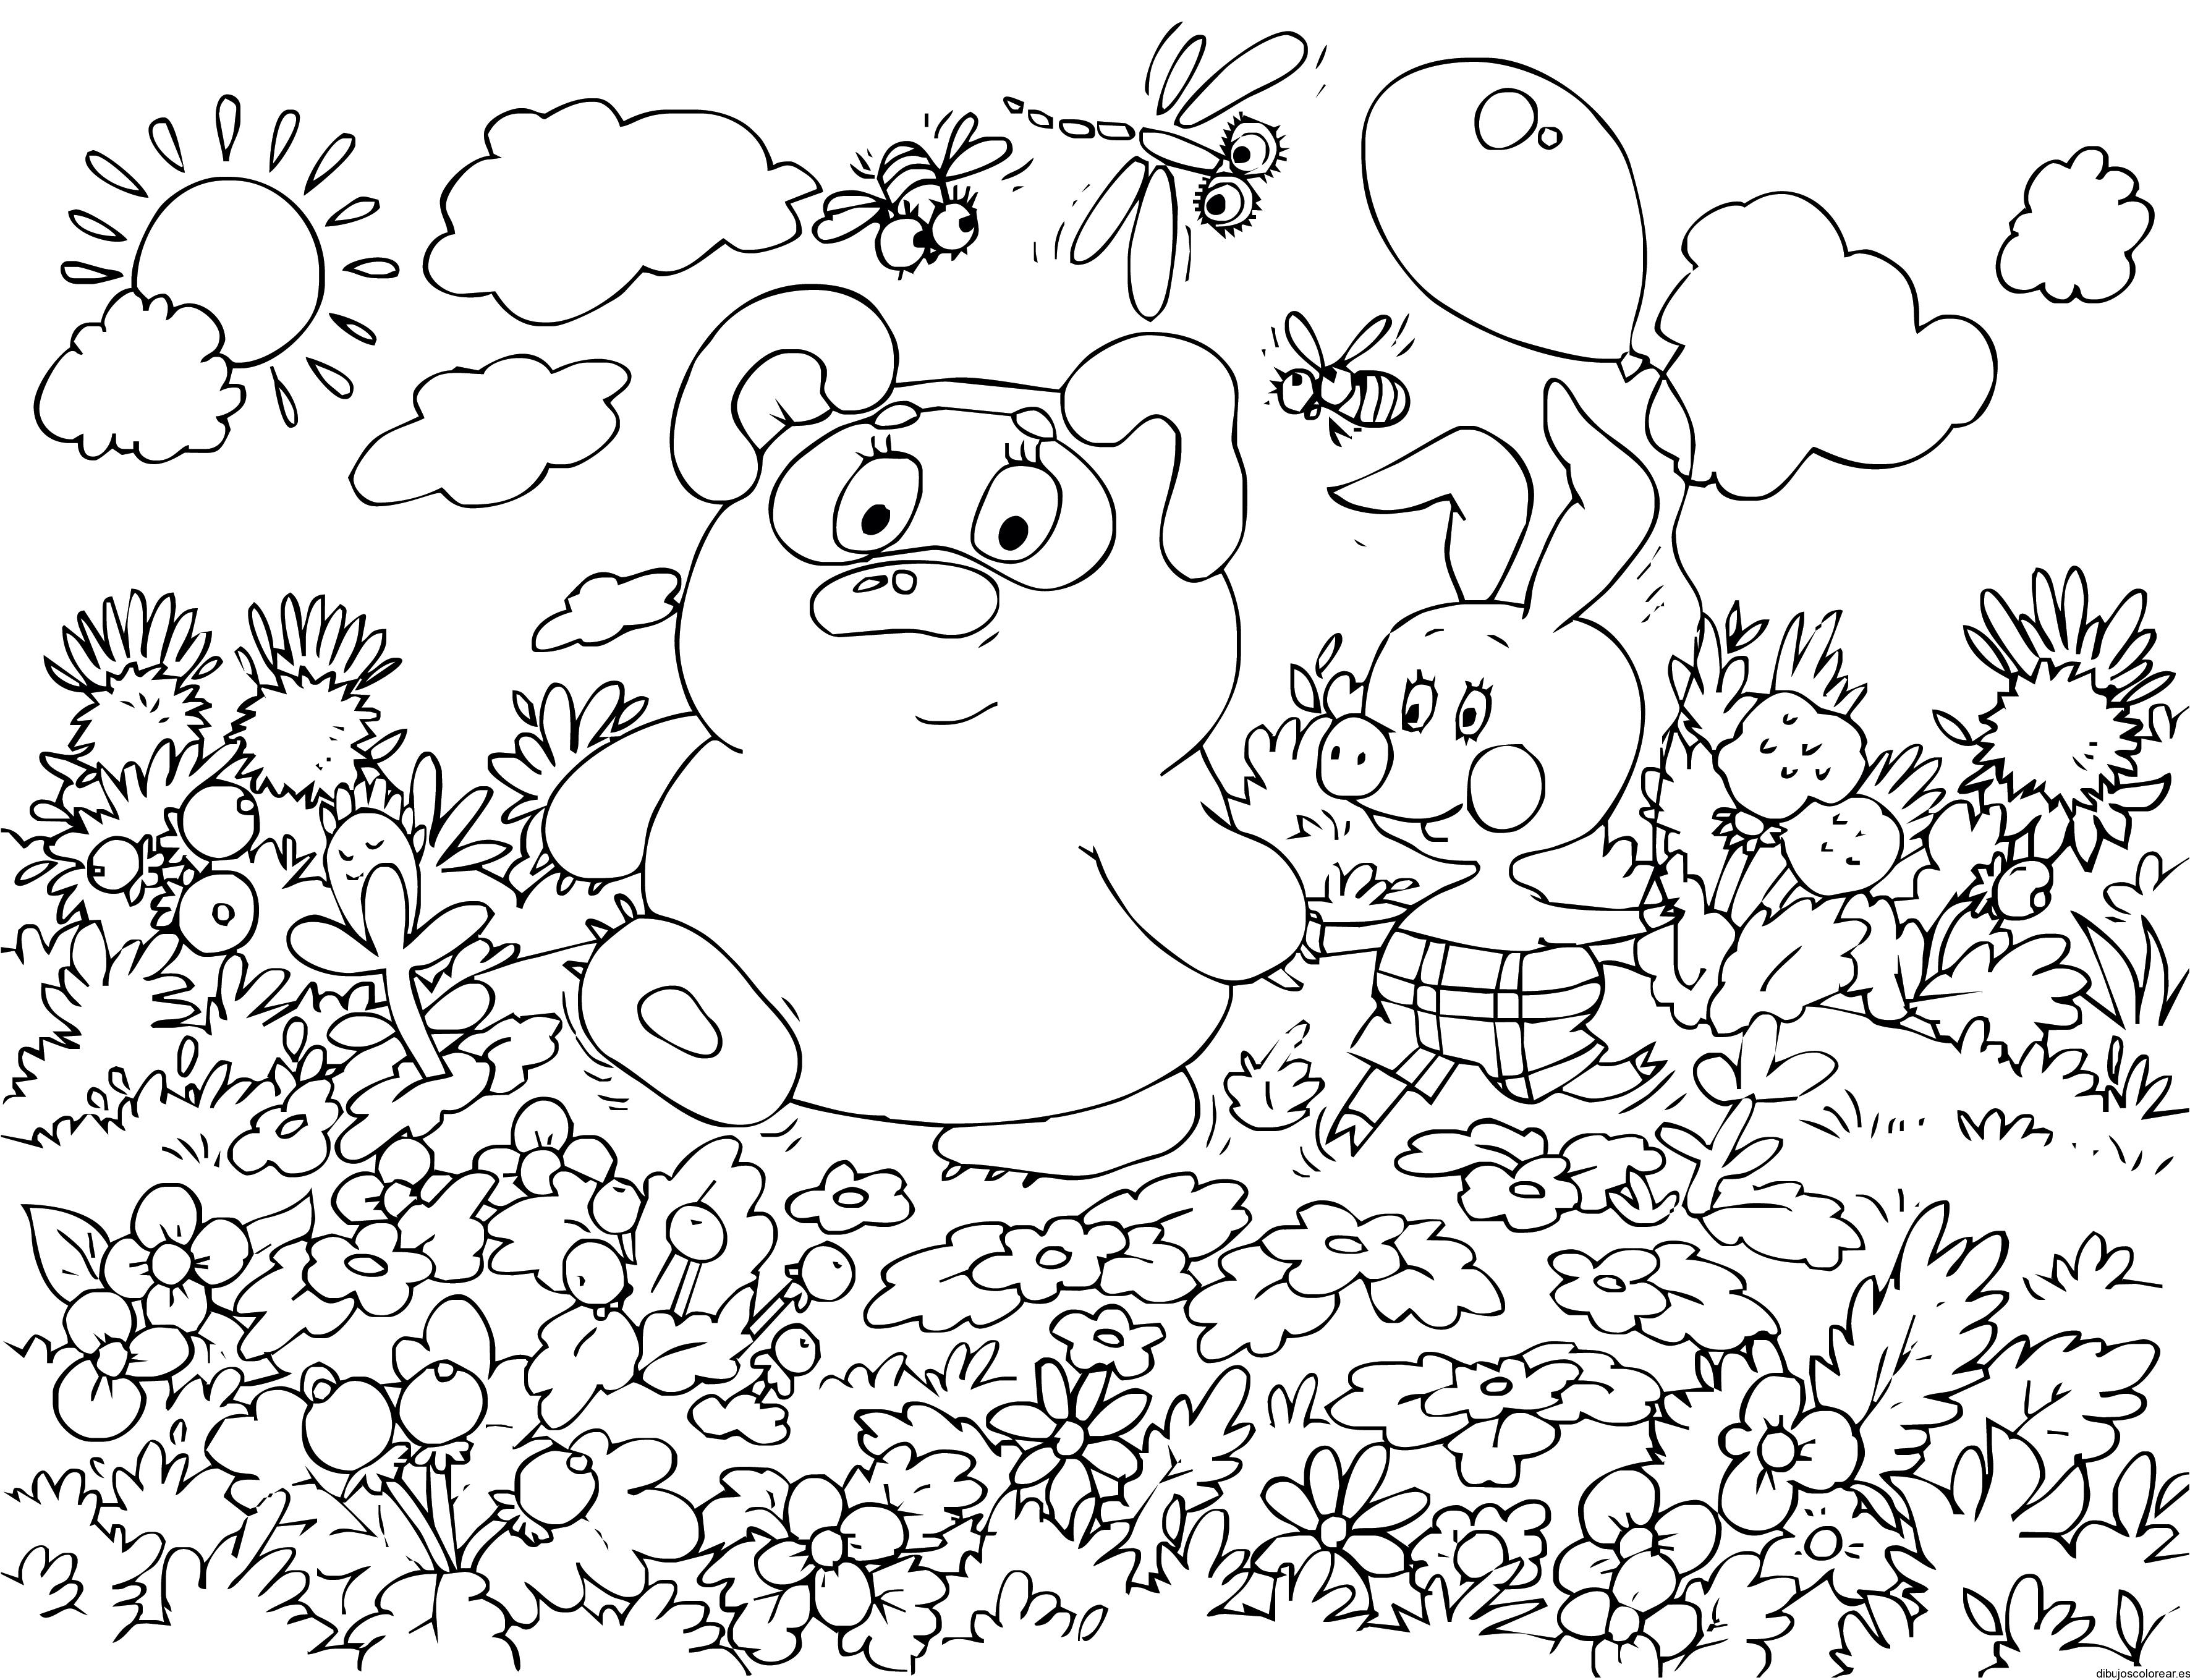 Dibujo de una pareja de animales en el bosque  Dibujos para Colorear